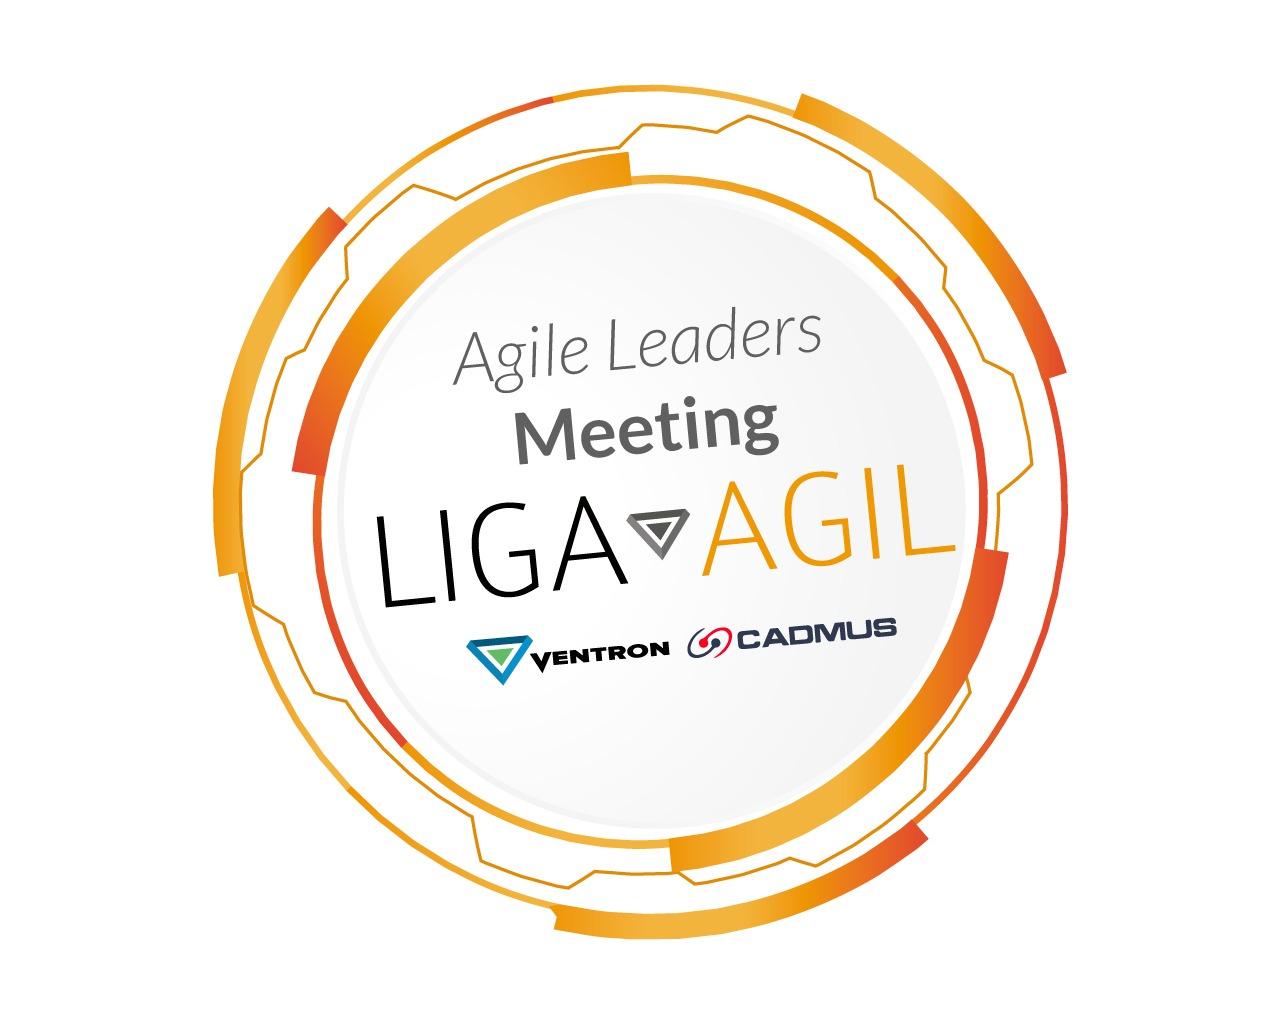 Agile Leaders Meeting 2019